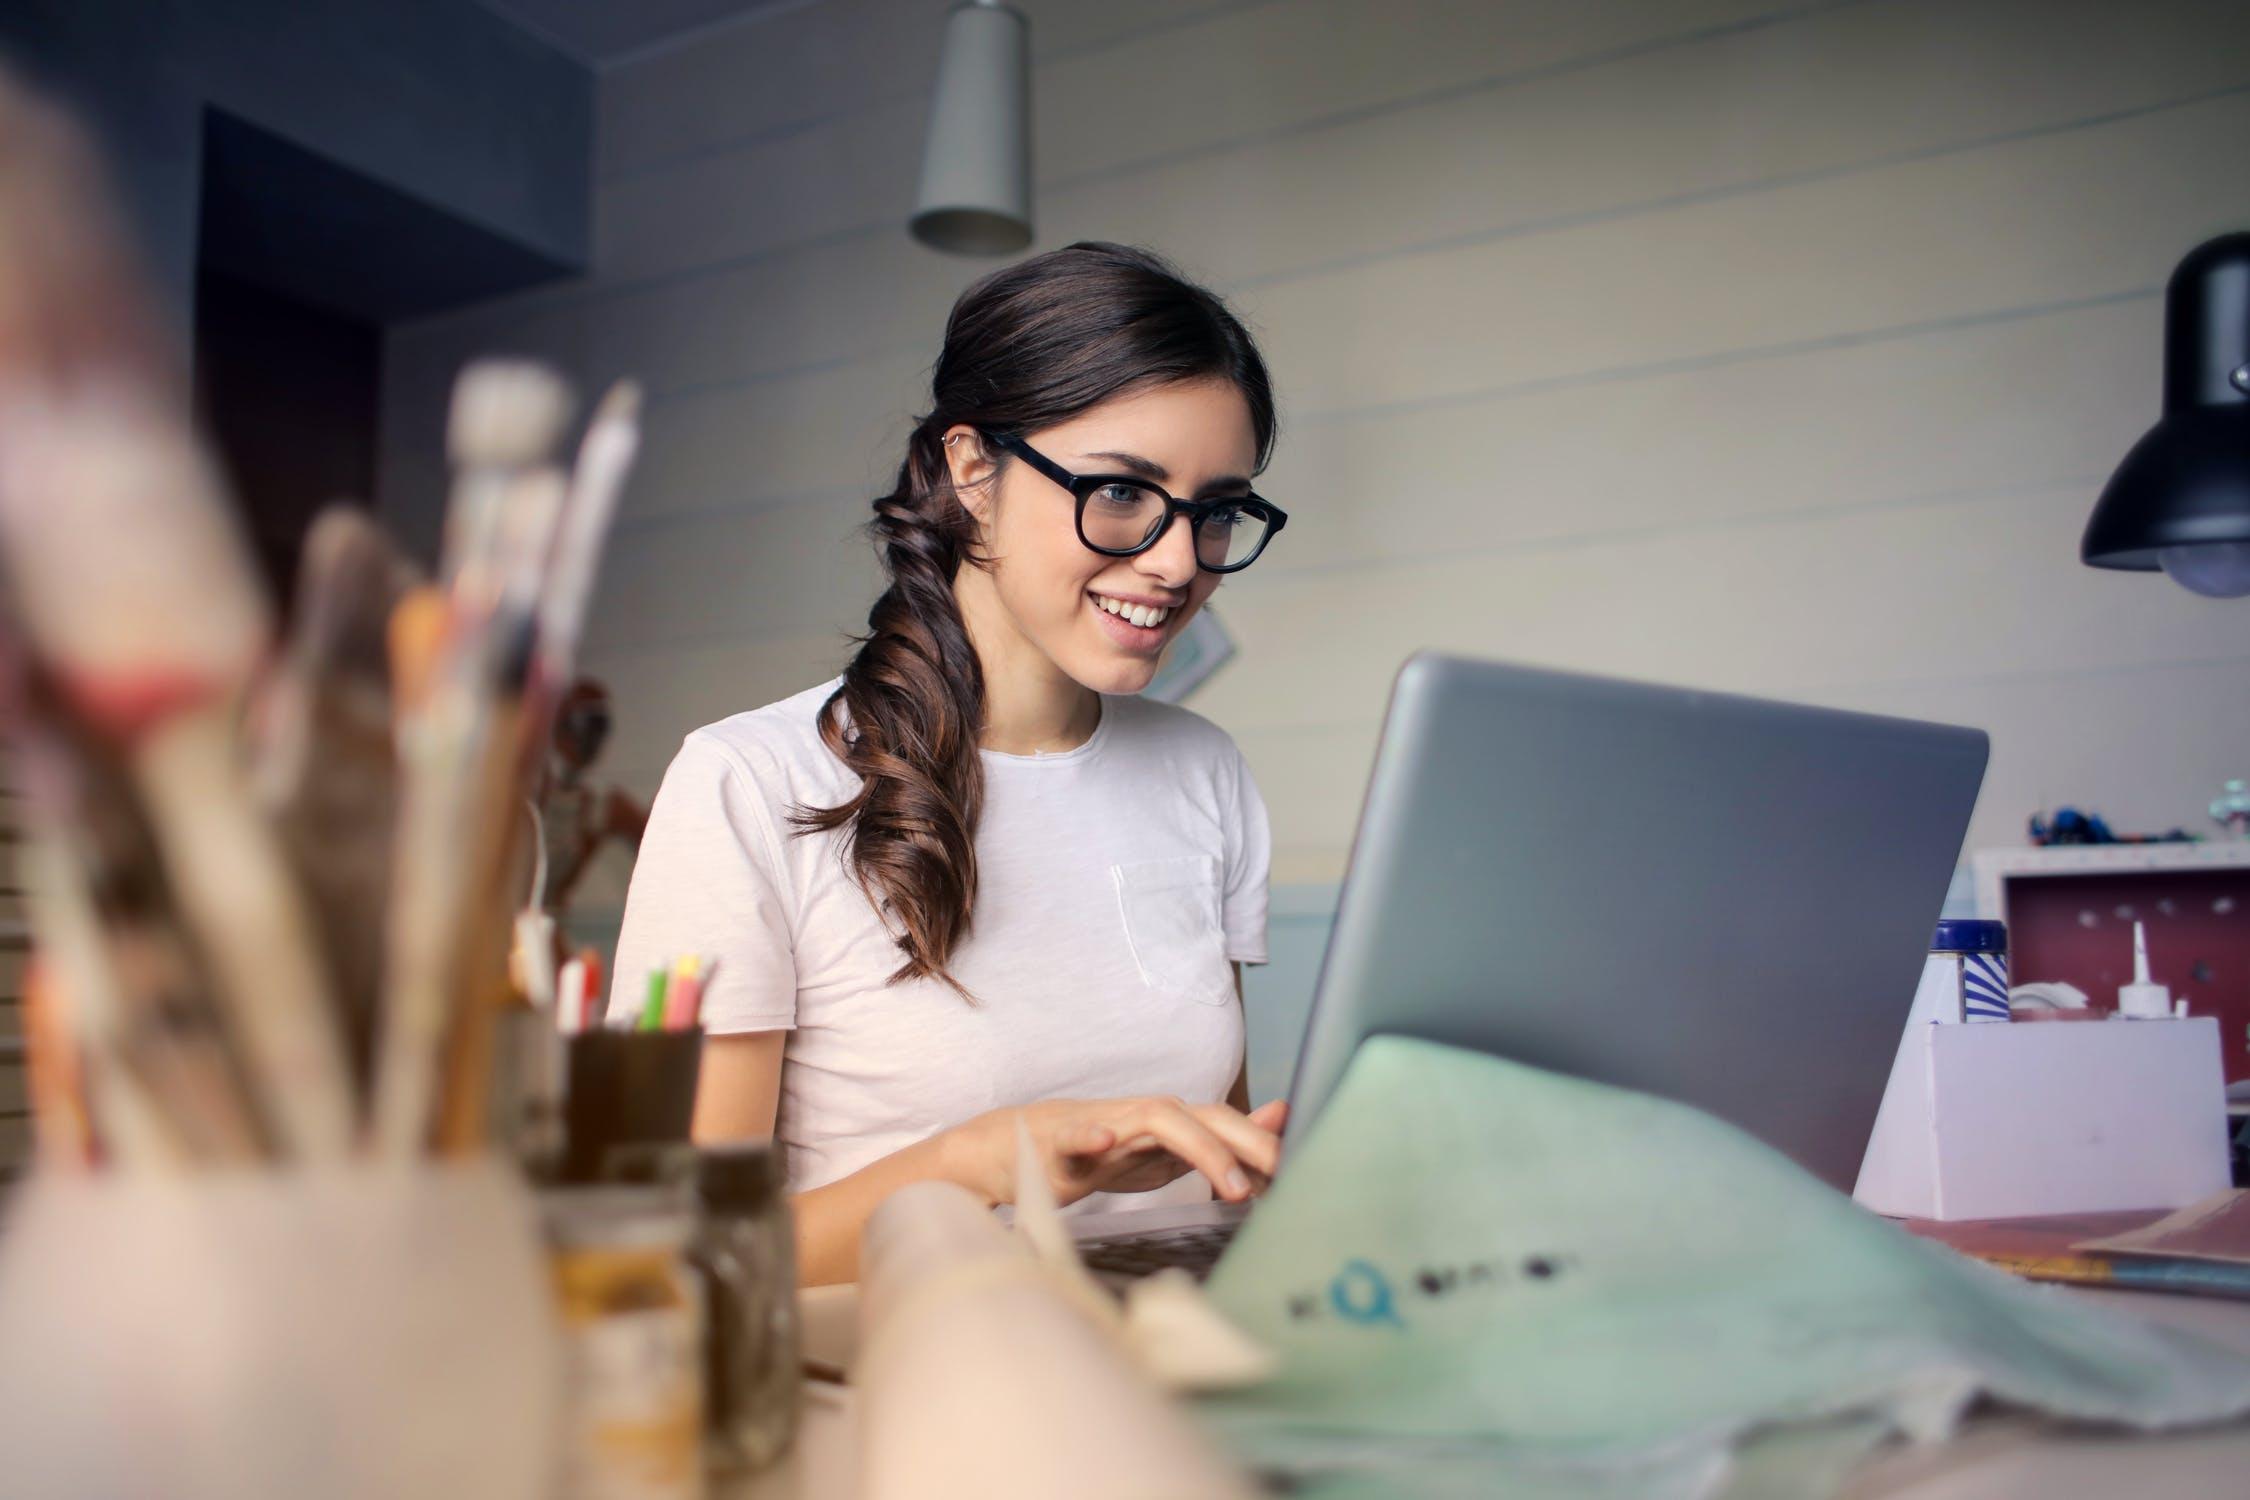 Przedsiębiorco, zwróć uwagę na aranżację swojego biura! Poznaj nasze praktyczne wskazówki - Zdjęcie główne